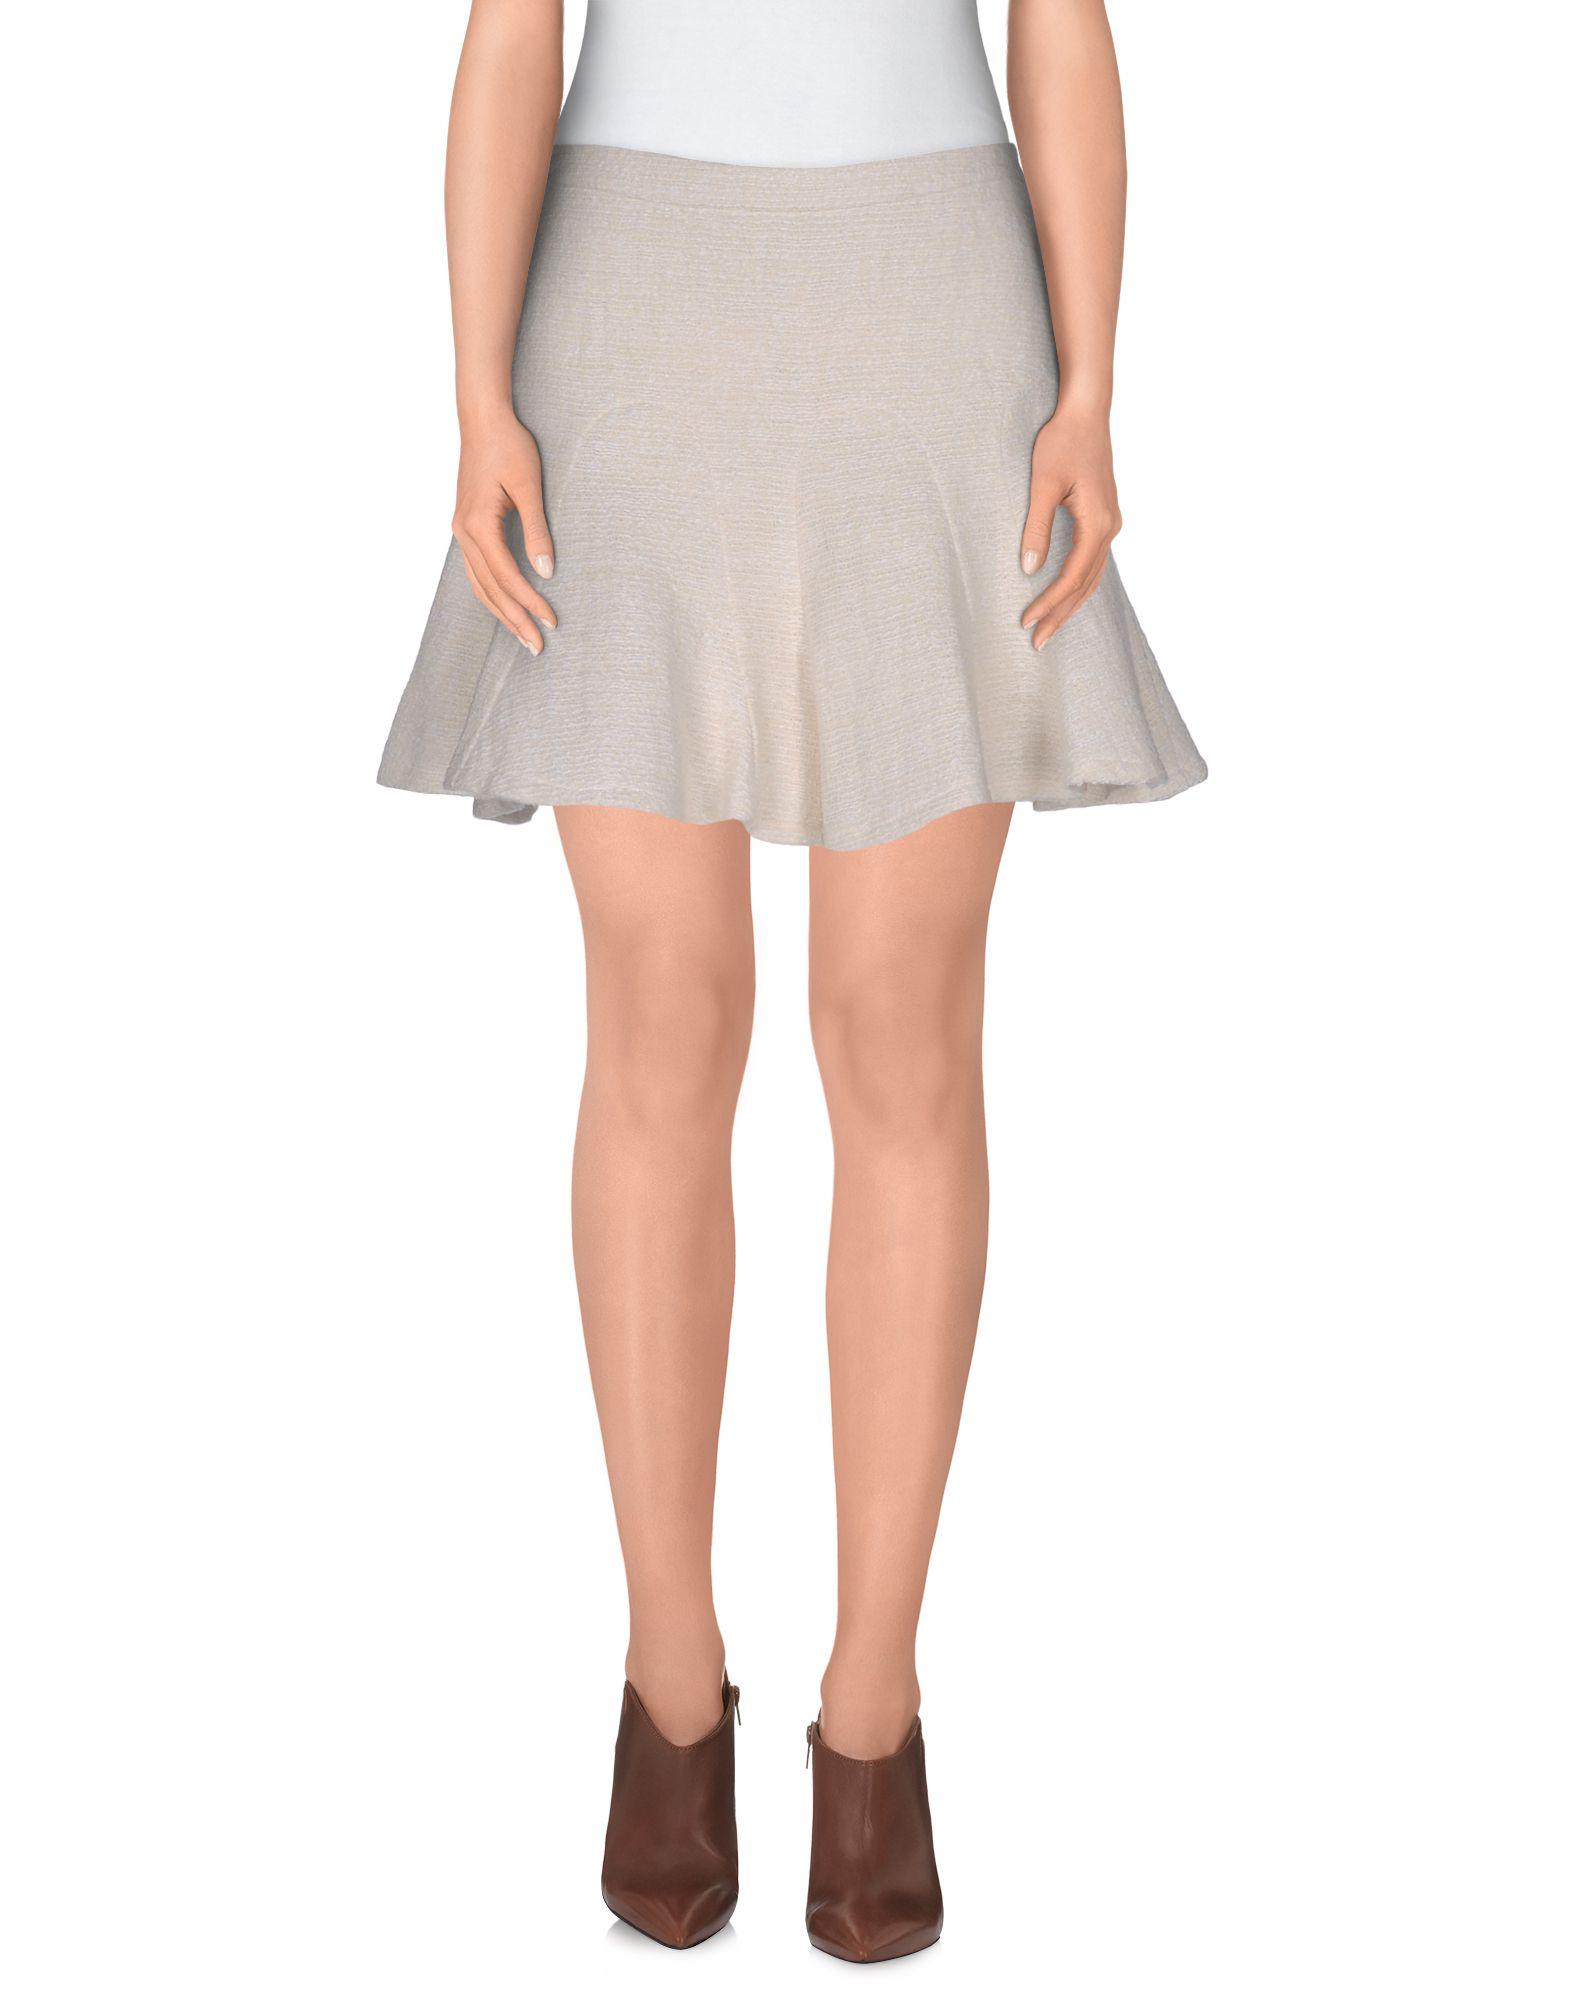 DEREK LAM 10 CROSBY Damen Minirock Farbe Elfenbein Größe 4